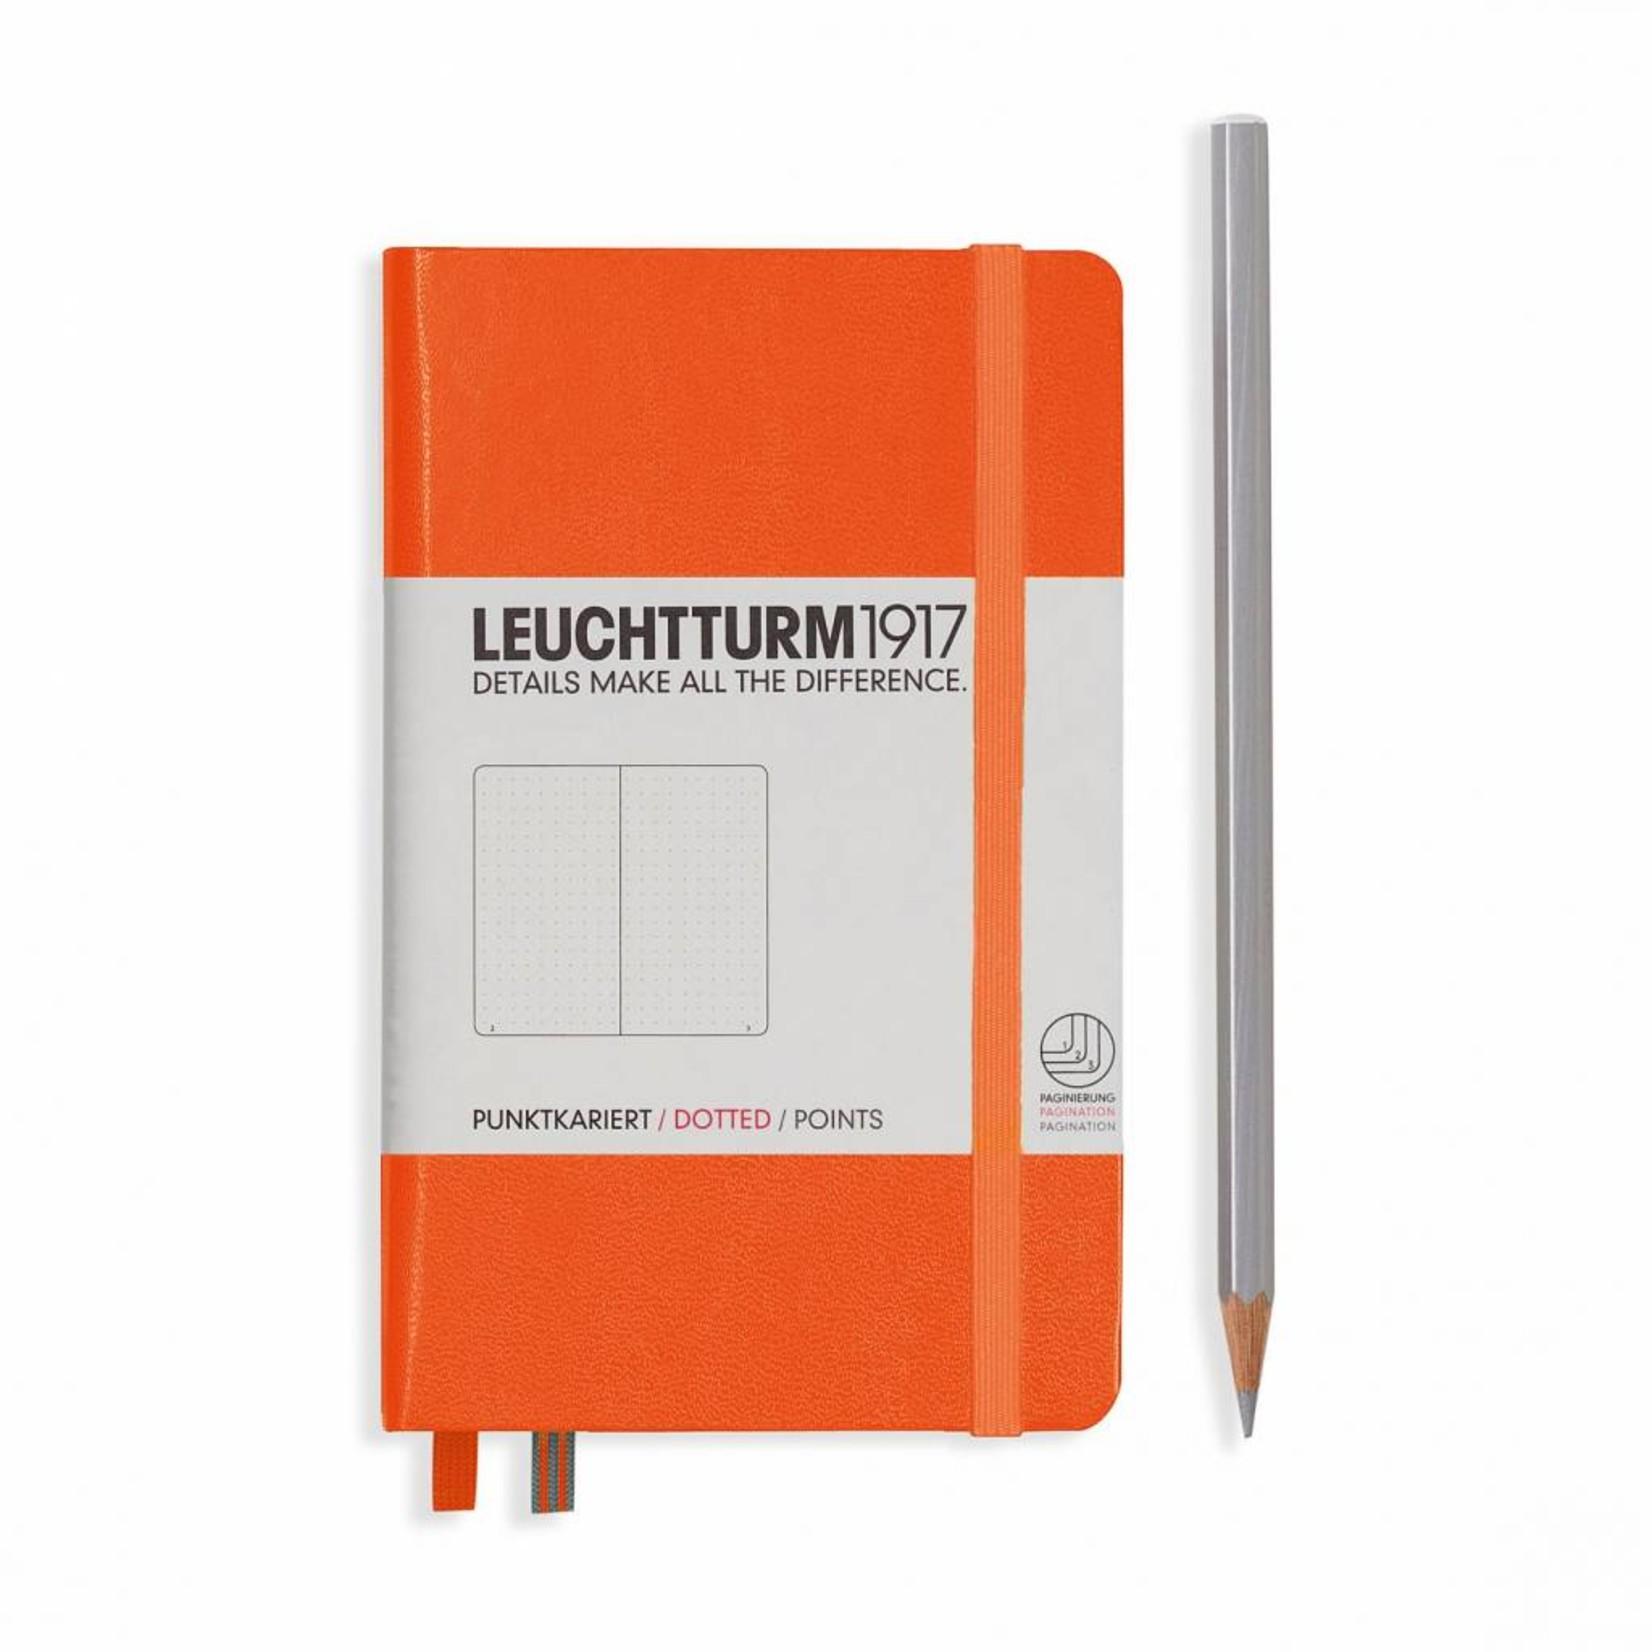 Leuchtturm1917 Leuchtturm1917 Notizbuch, Pocket, Orange, Dotted